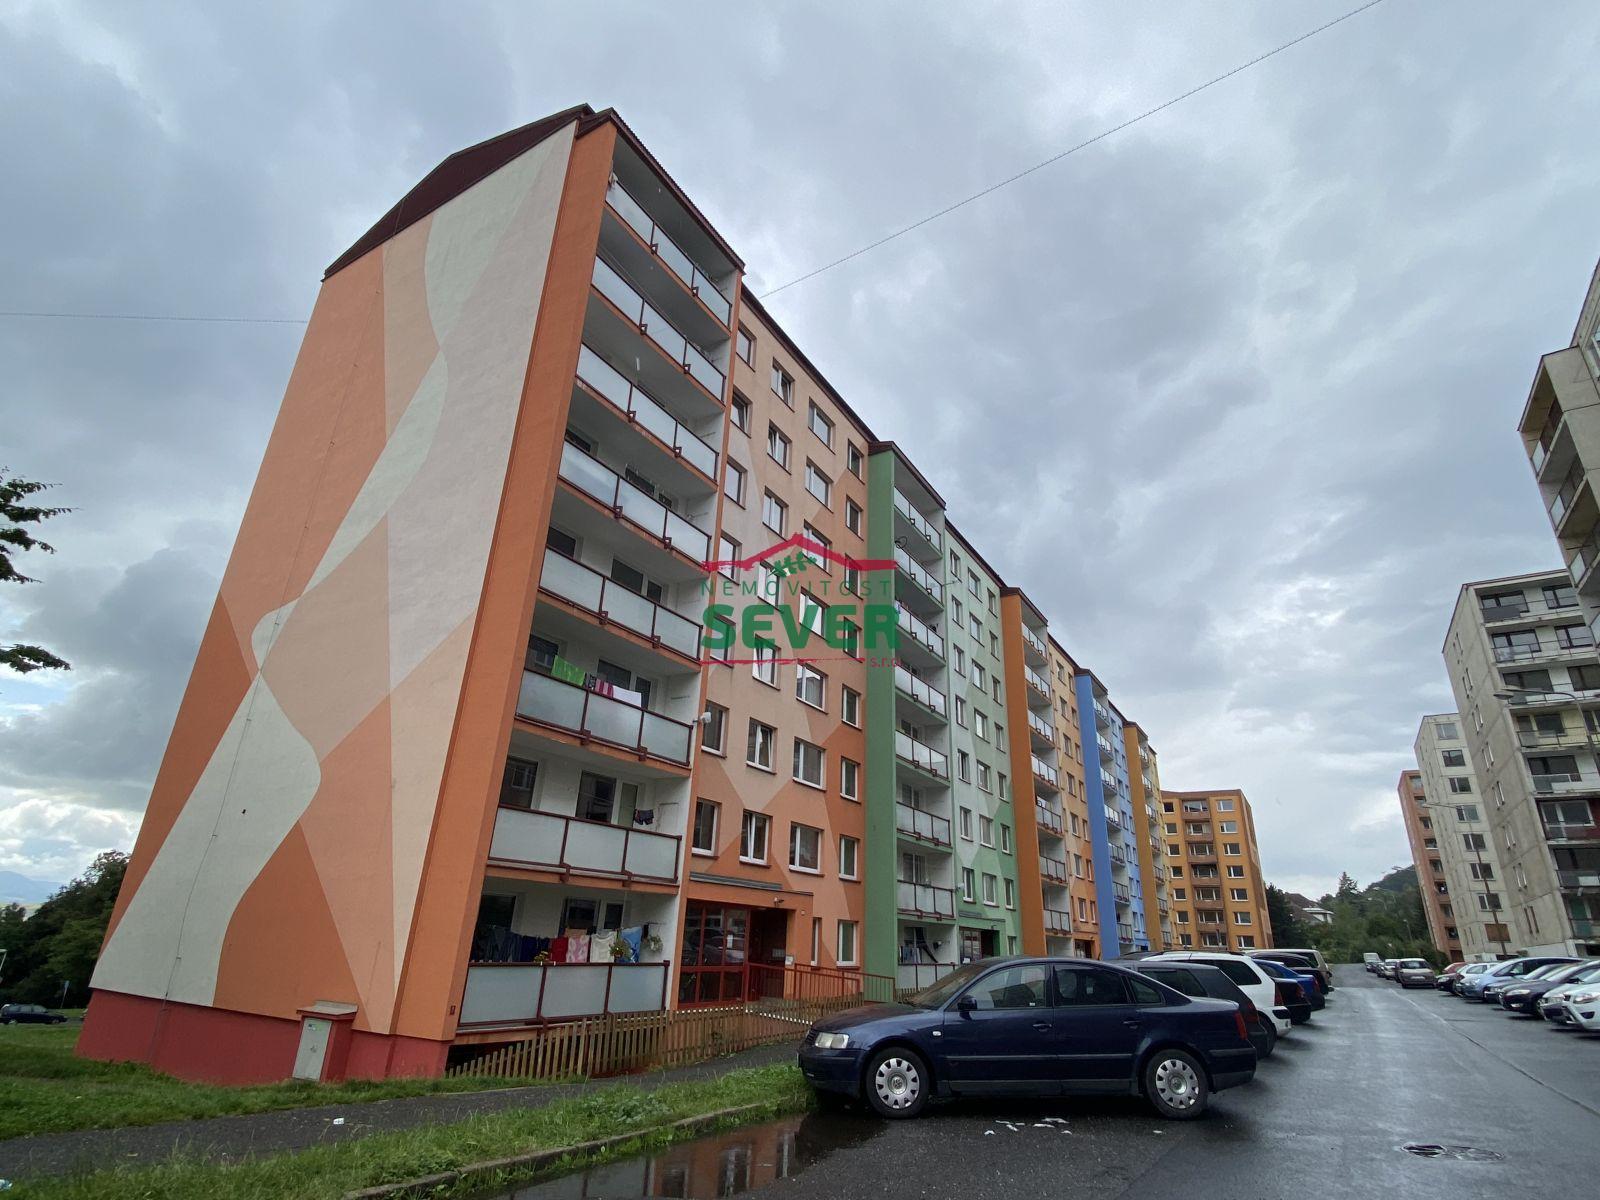 Prodej, byt 2+kk, DV, Krupka, Maršov, okr. Teplice, ul Dukelských hrdinů